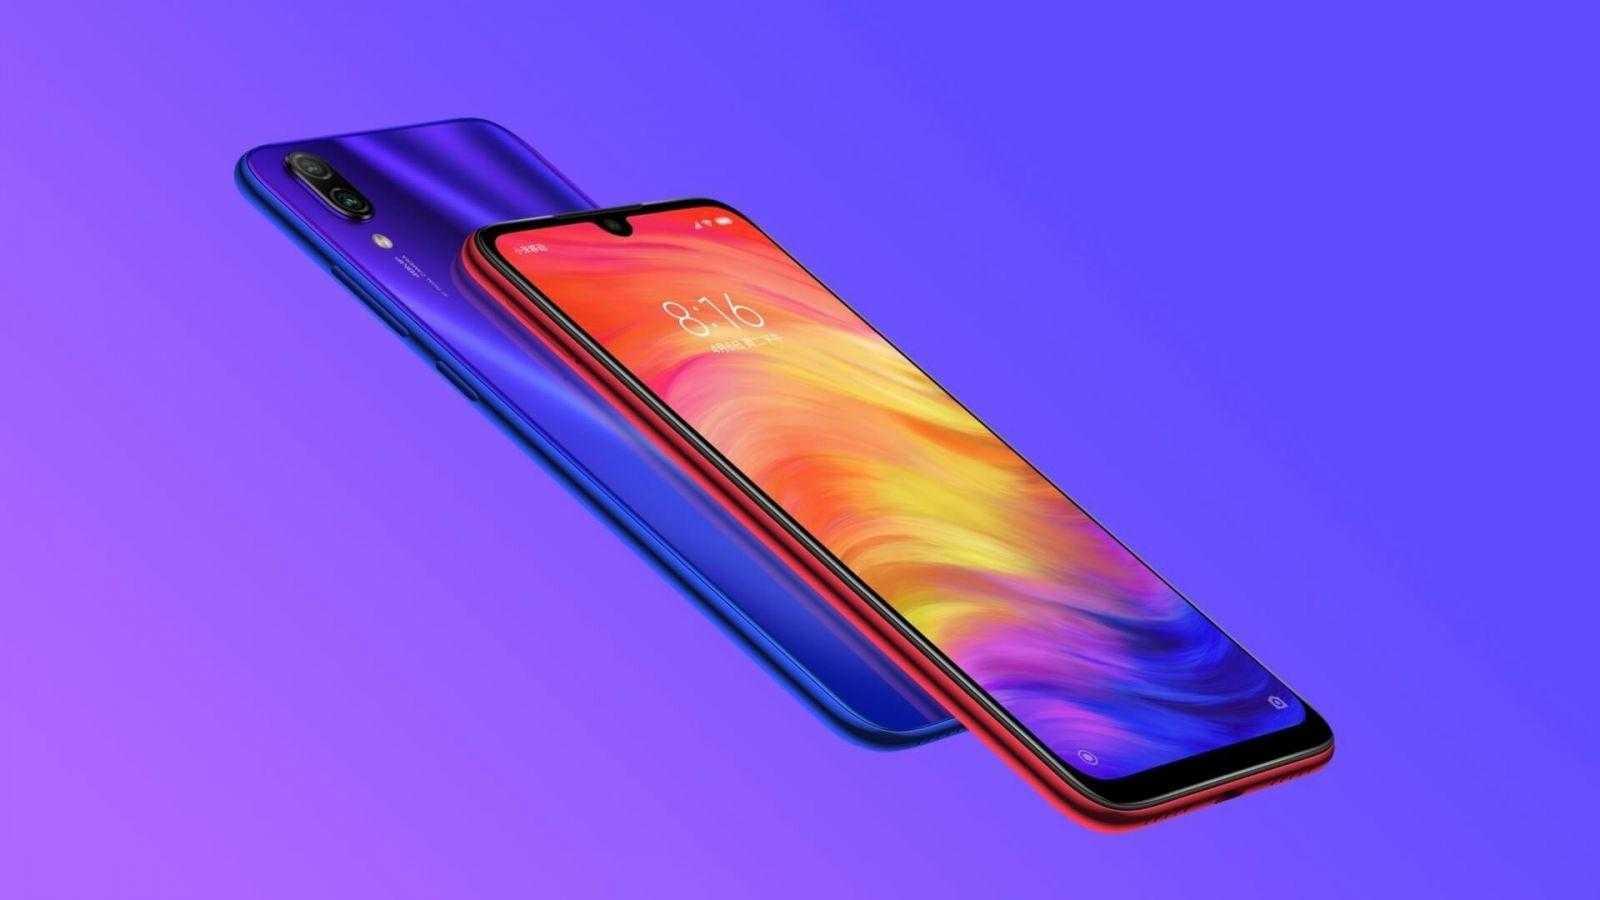 Xiaomi представила Redmi Note 7 Pro: более мощный, более премиальный, всё еще доступный (redmi note 7 compressed)